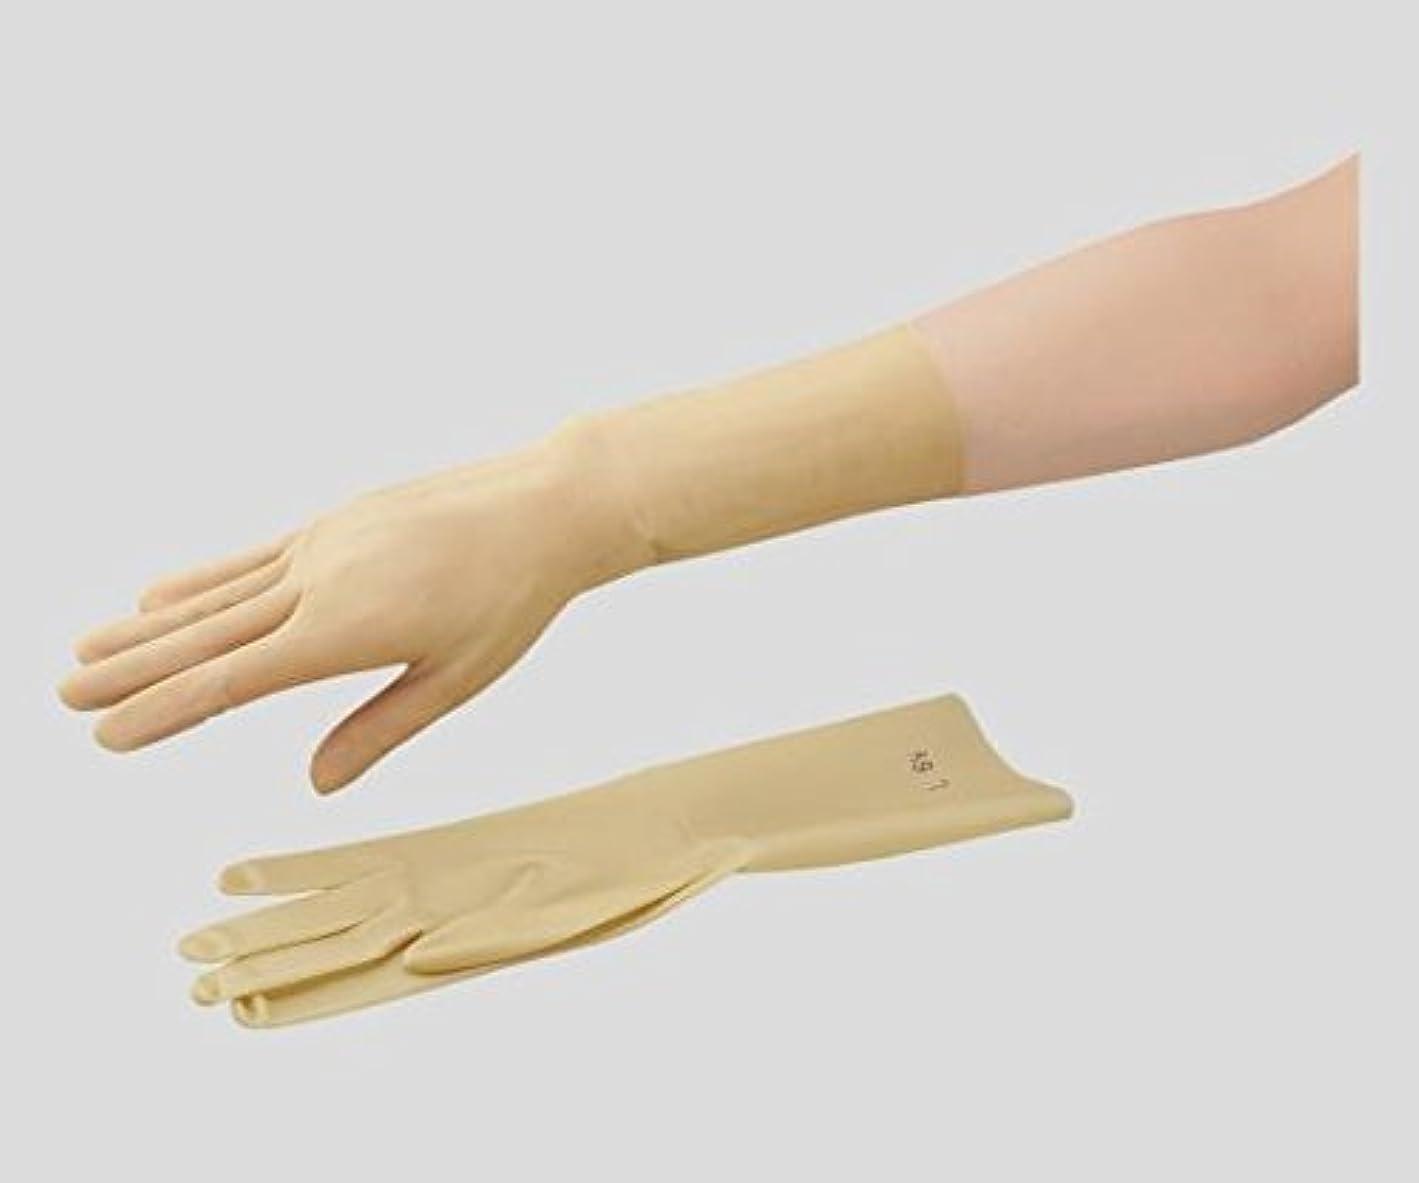 腸ミルリスナー東和コーポレーション2-8705-02ラテックス手袋15-7